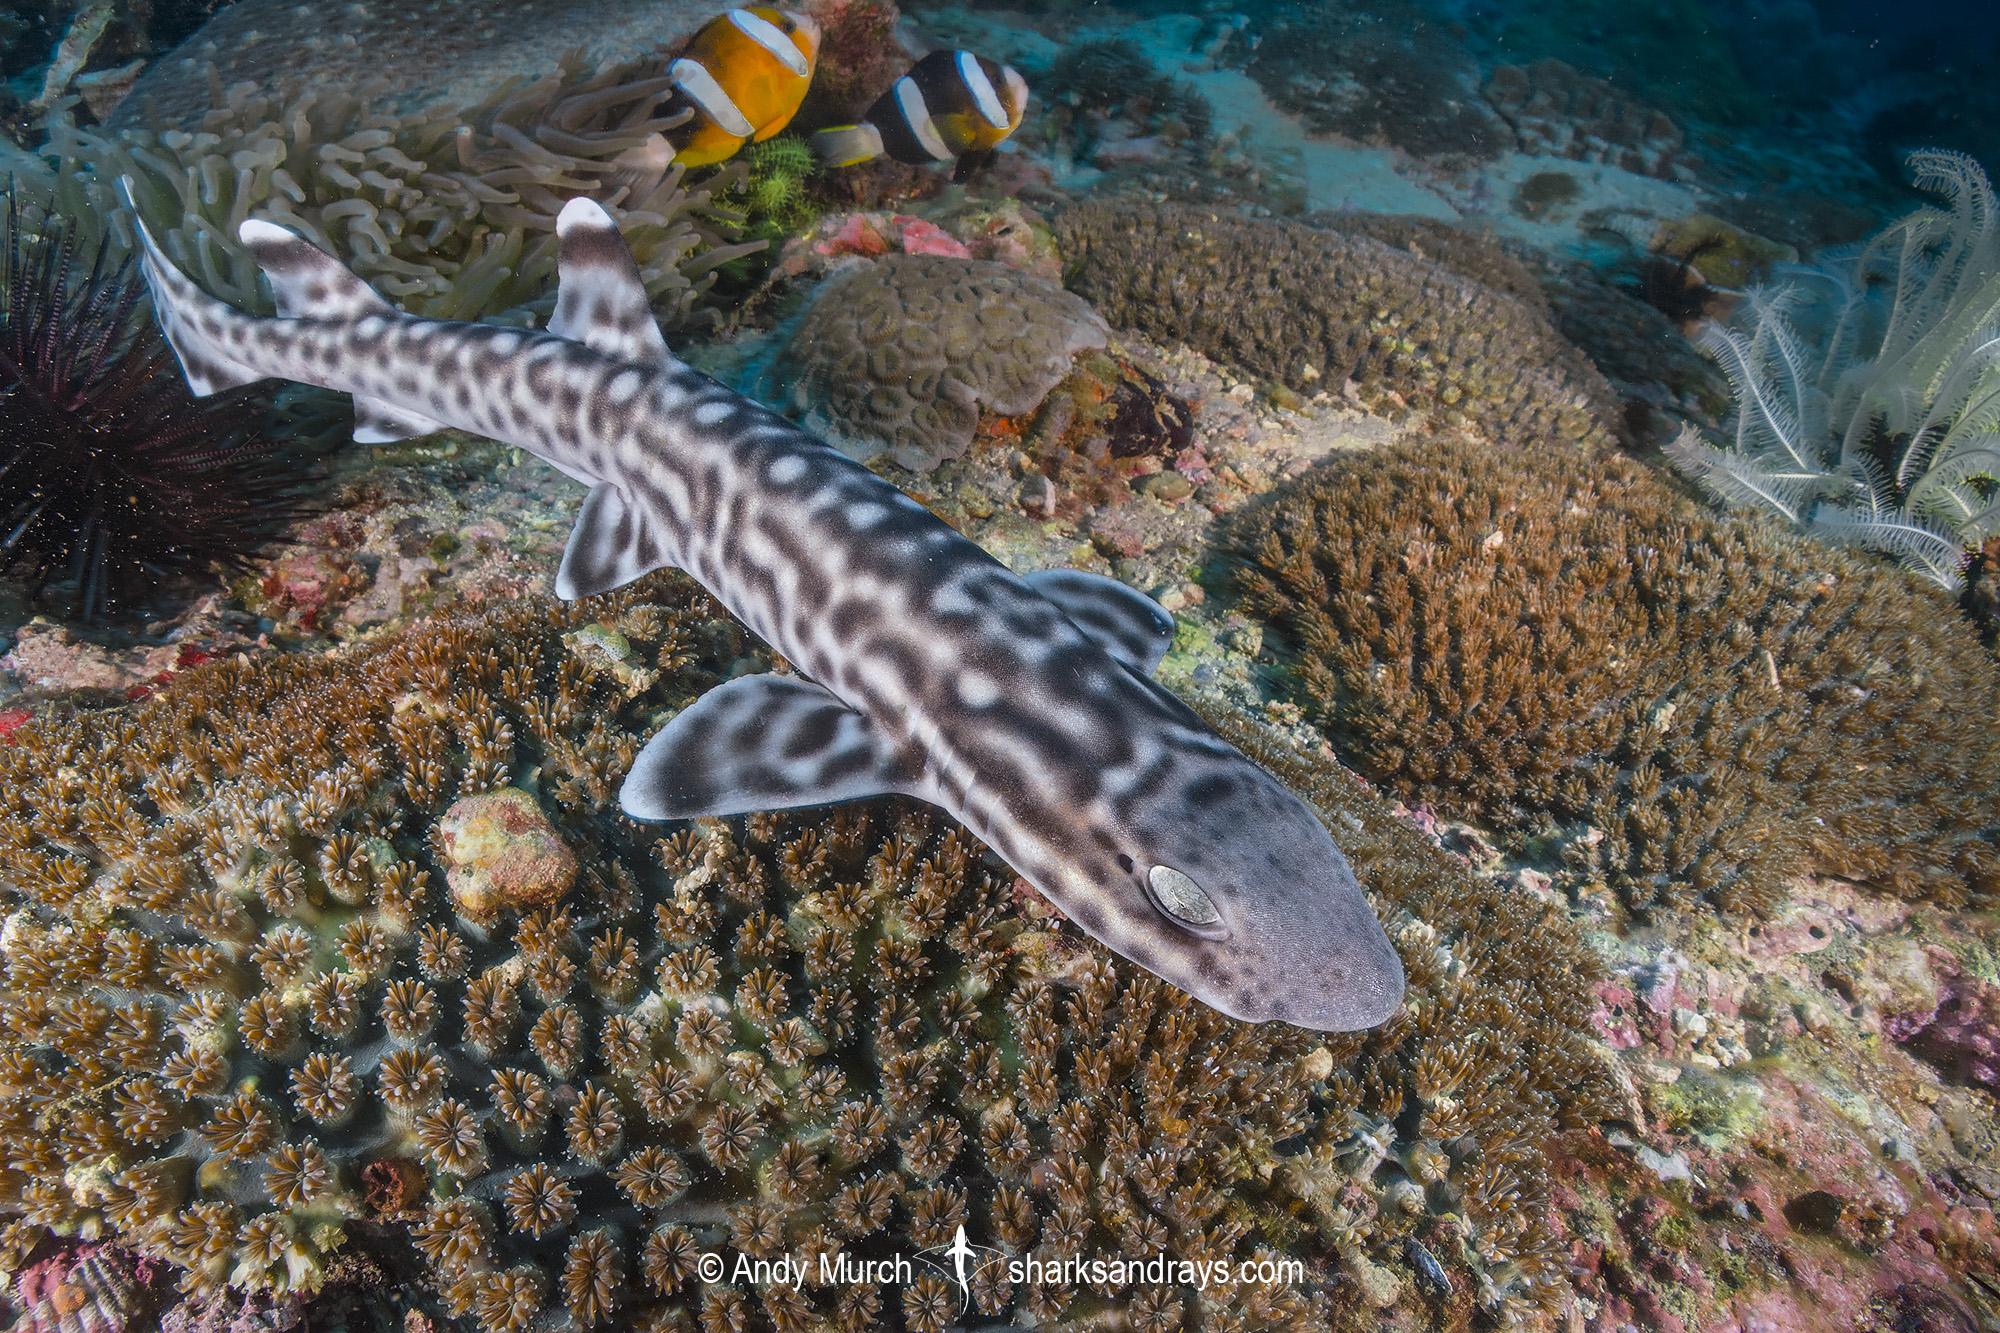 Coral Catshark